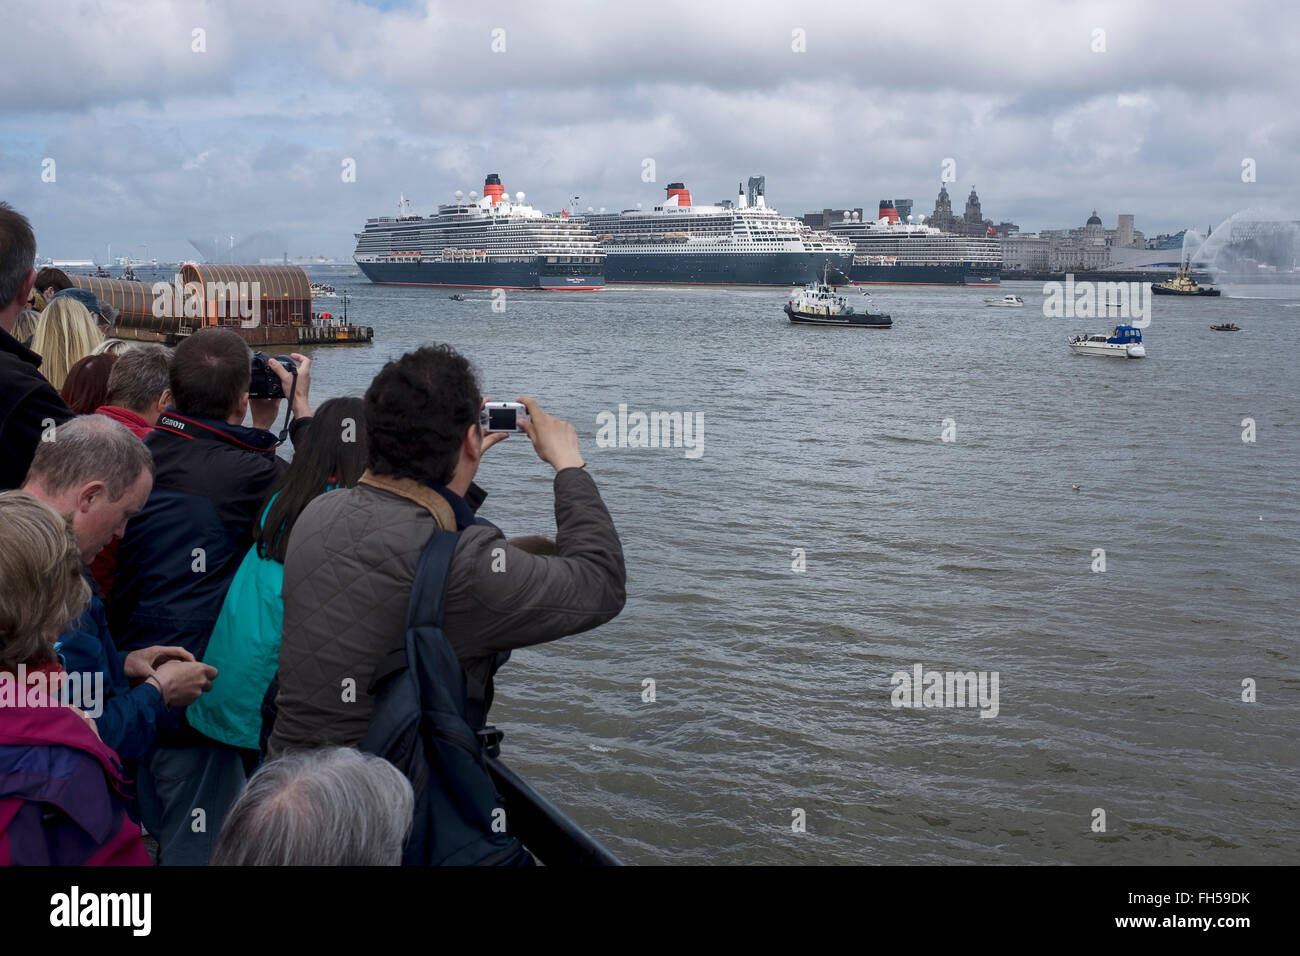 Tre regine festival sul fiume Mersey. Tre Cunard navi da crociera in visita a Liverpool Regno Unito Immagini Stock